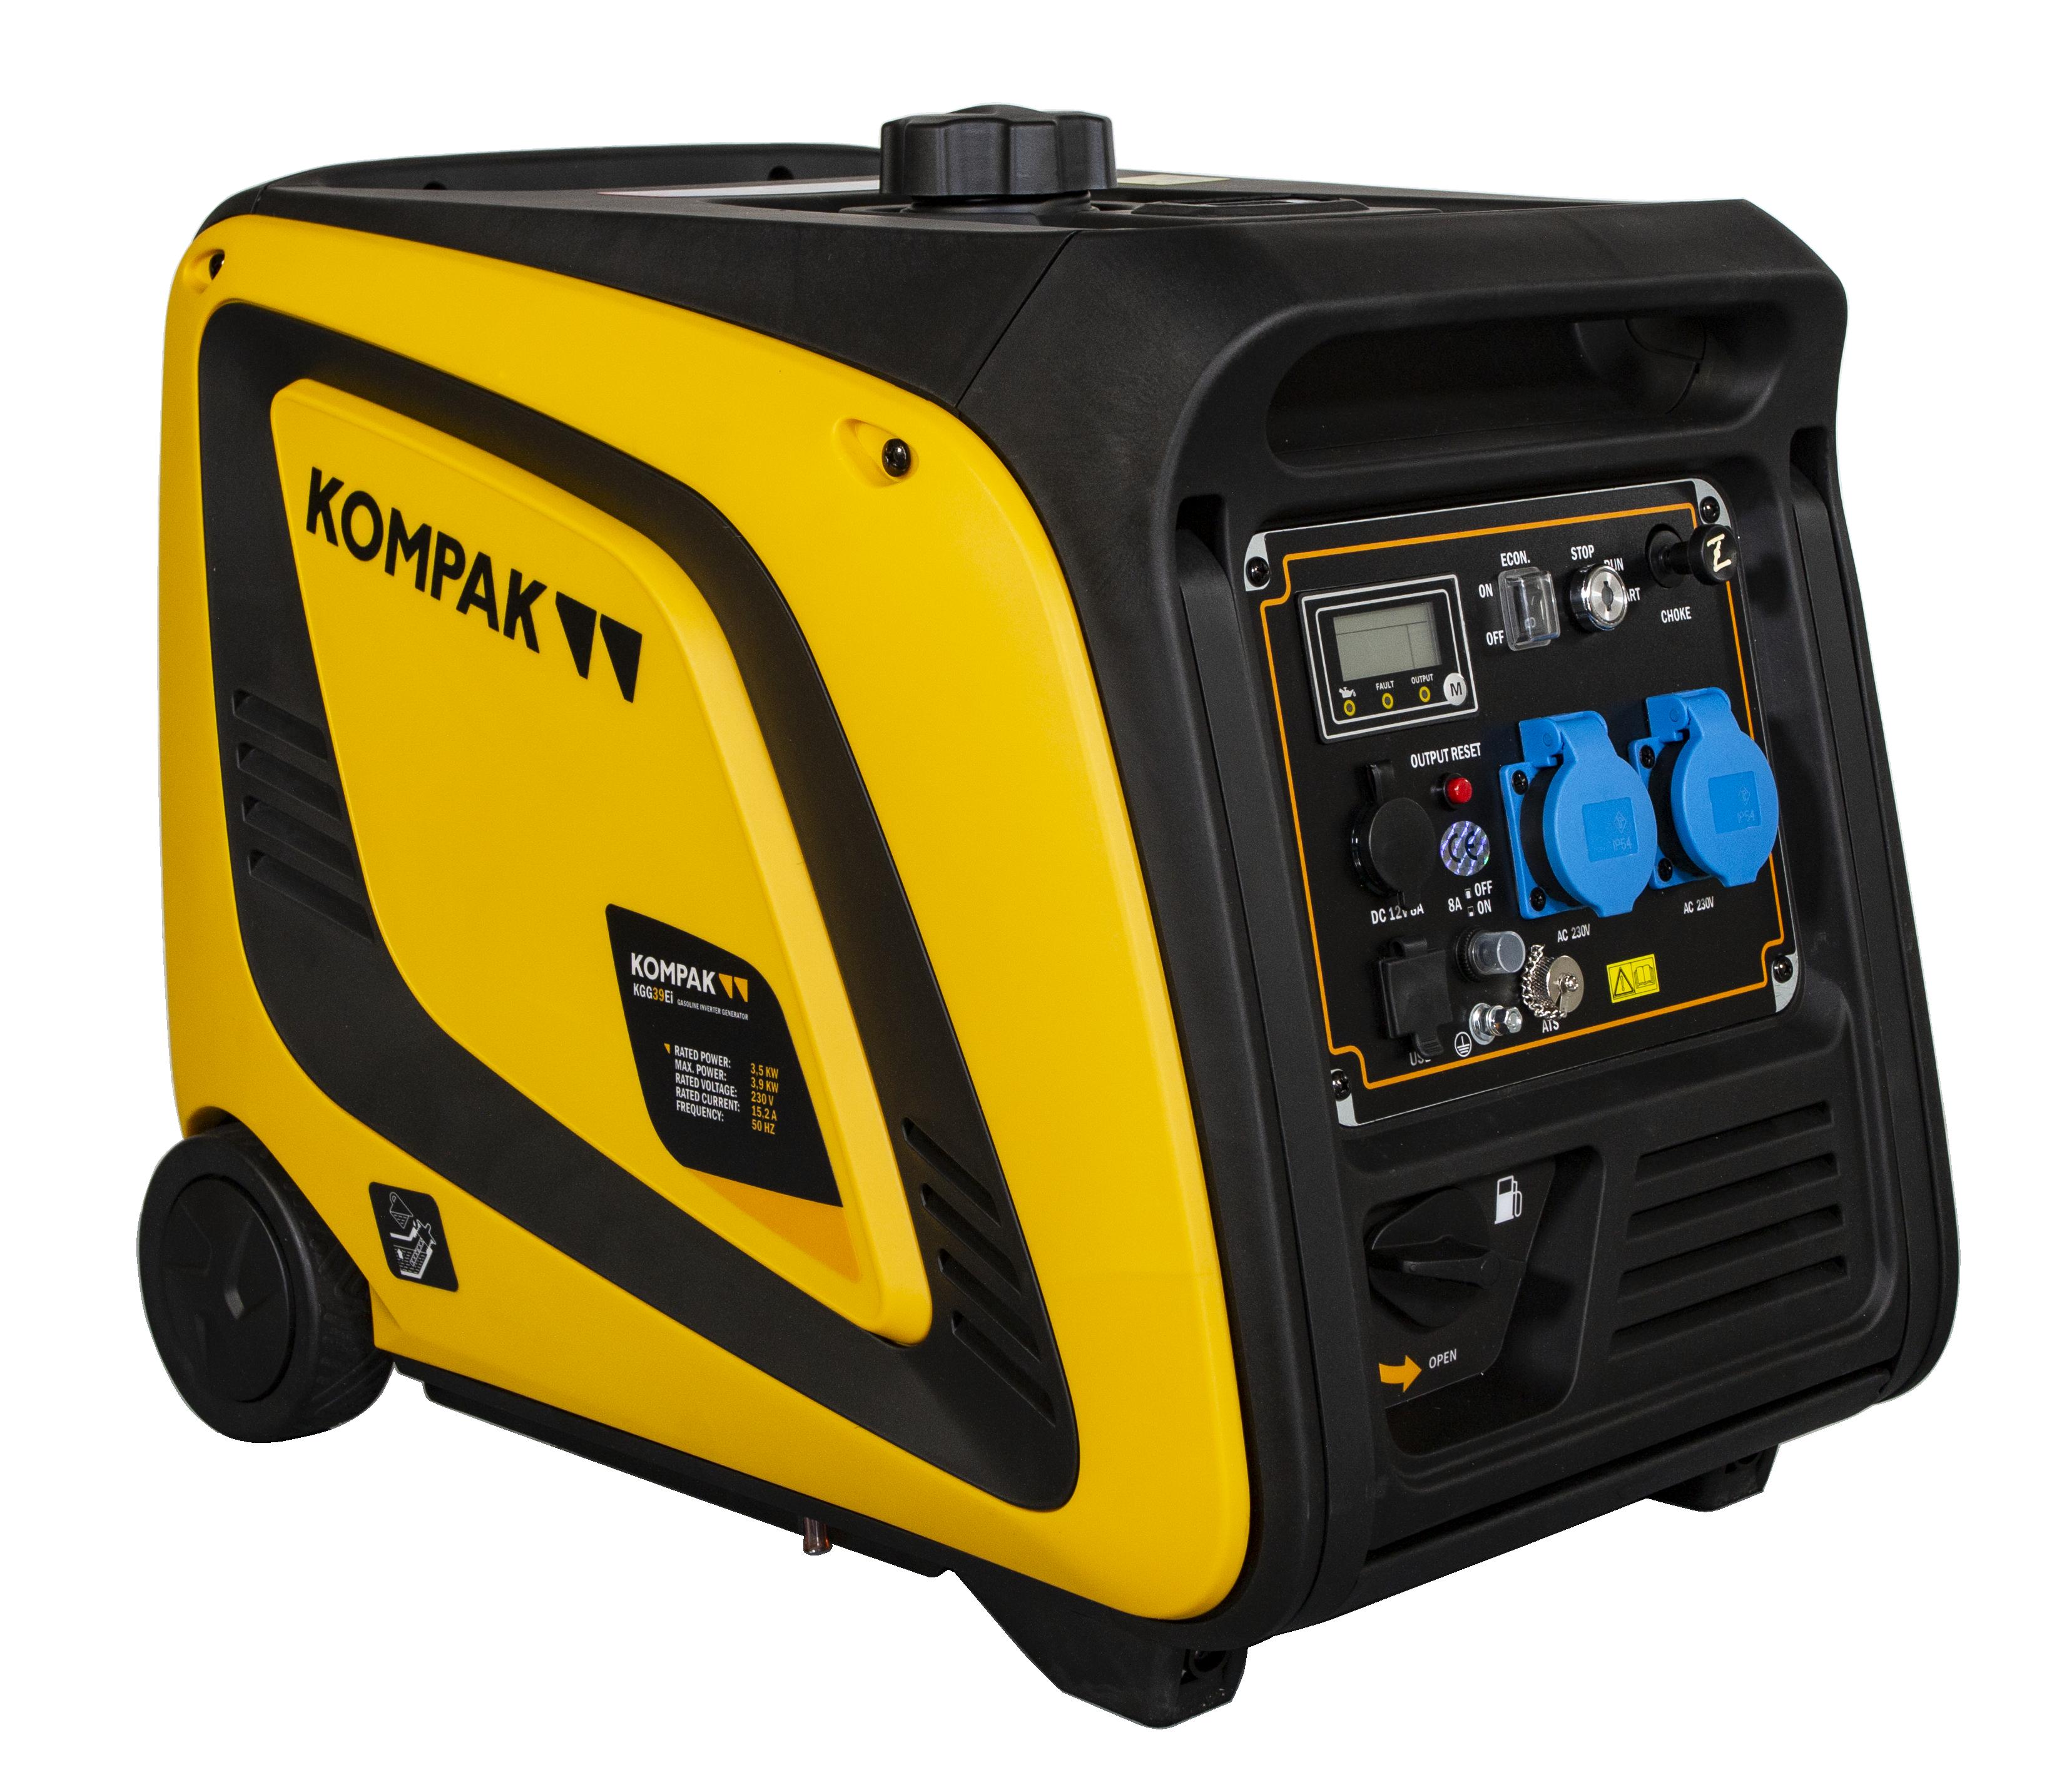 Kompak Inverter Stromaggregat Benzin 3900 Watt KGG39EI auch Werkzeuge